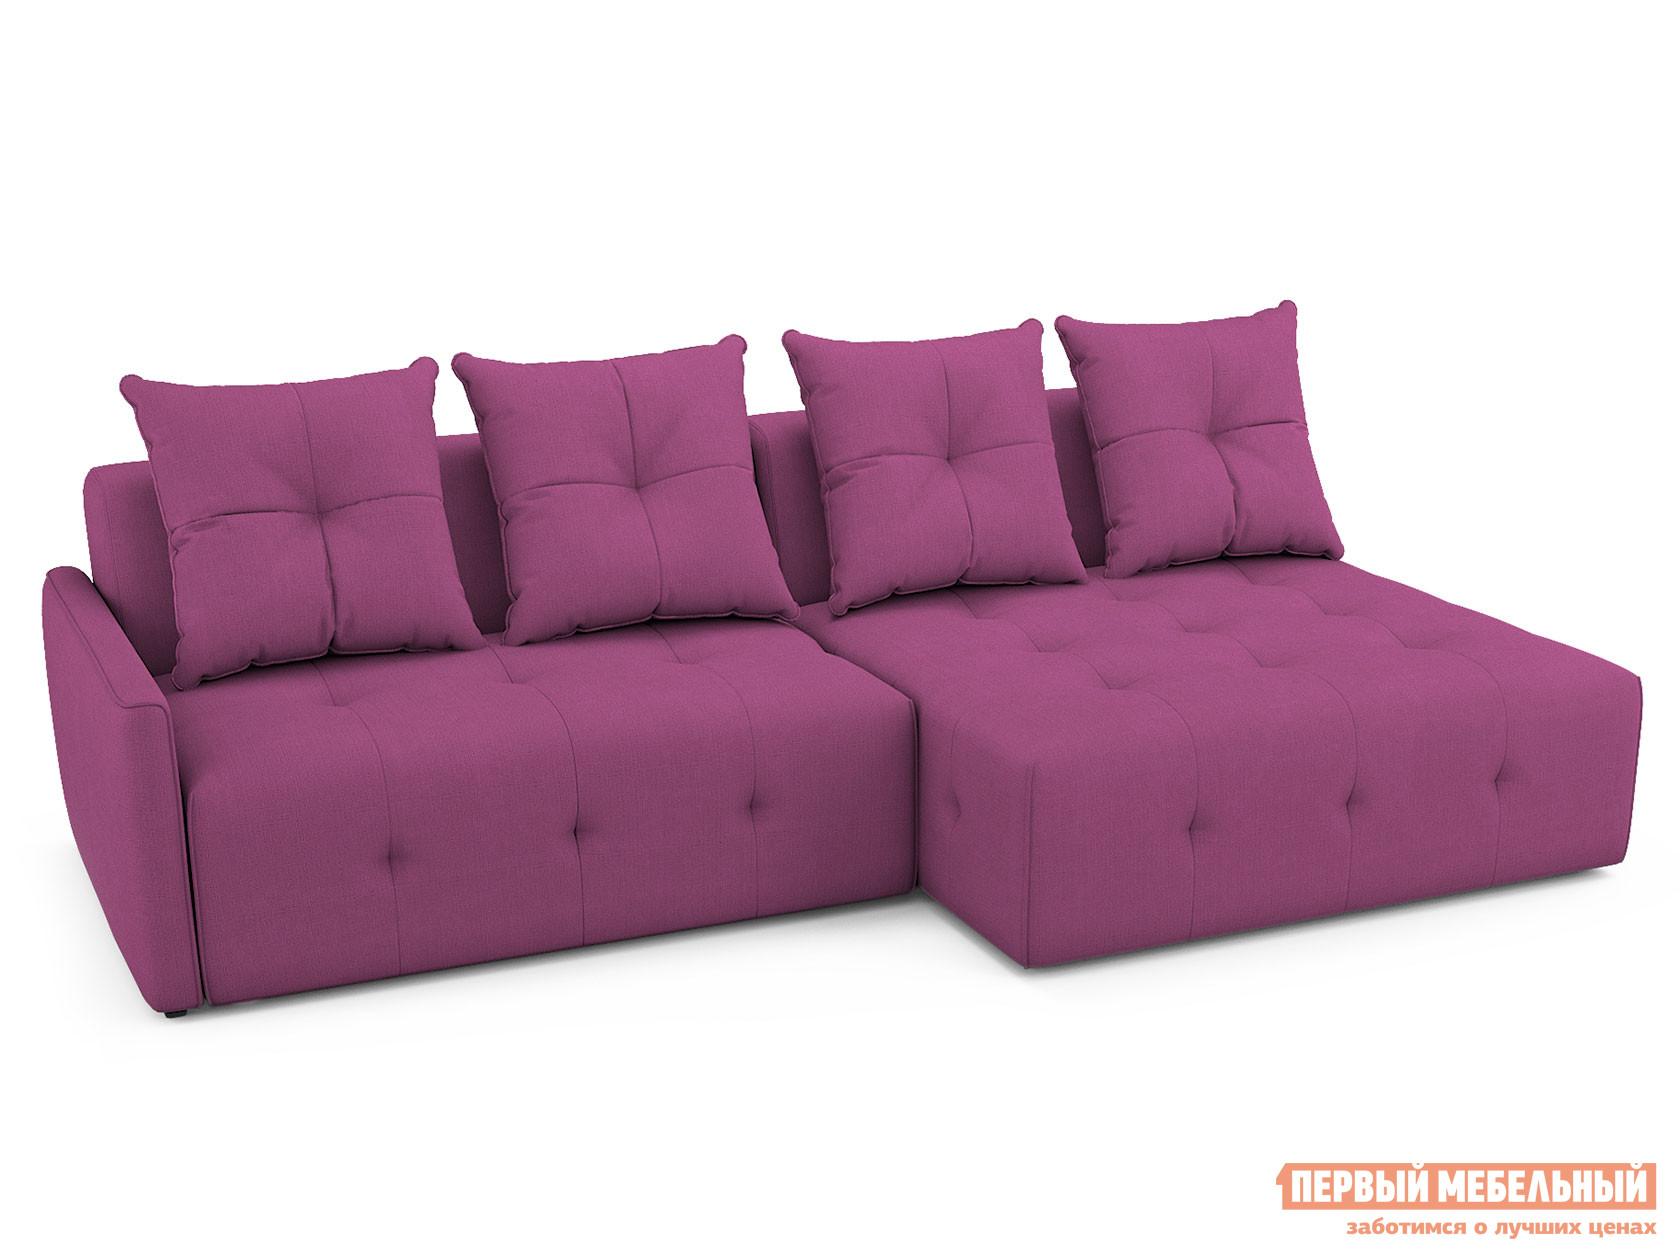 Угловой диван Первый Мебельный Угловой диван Бронкс У